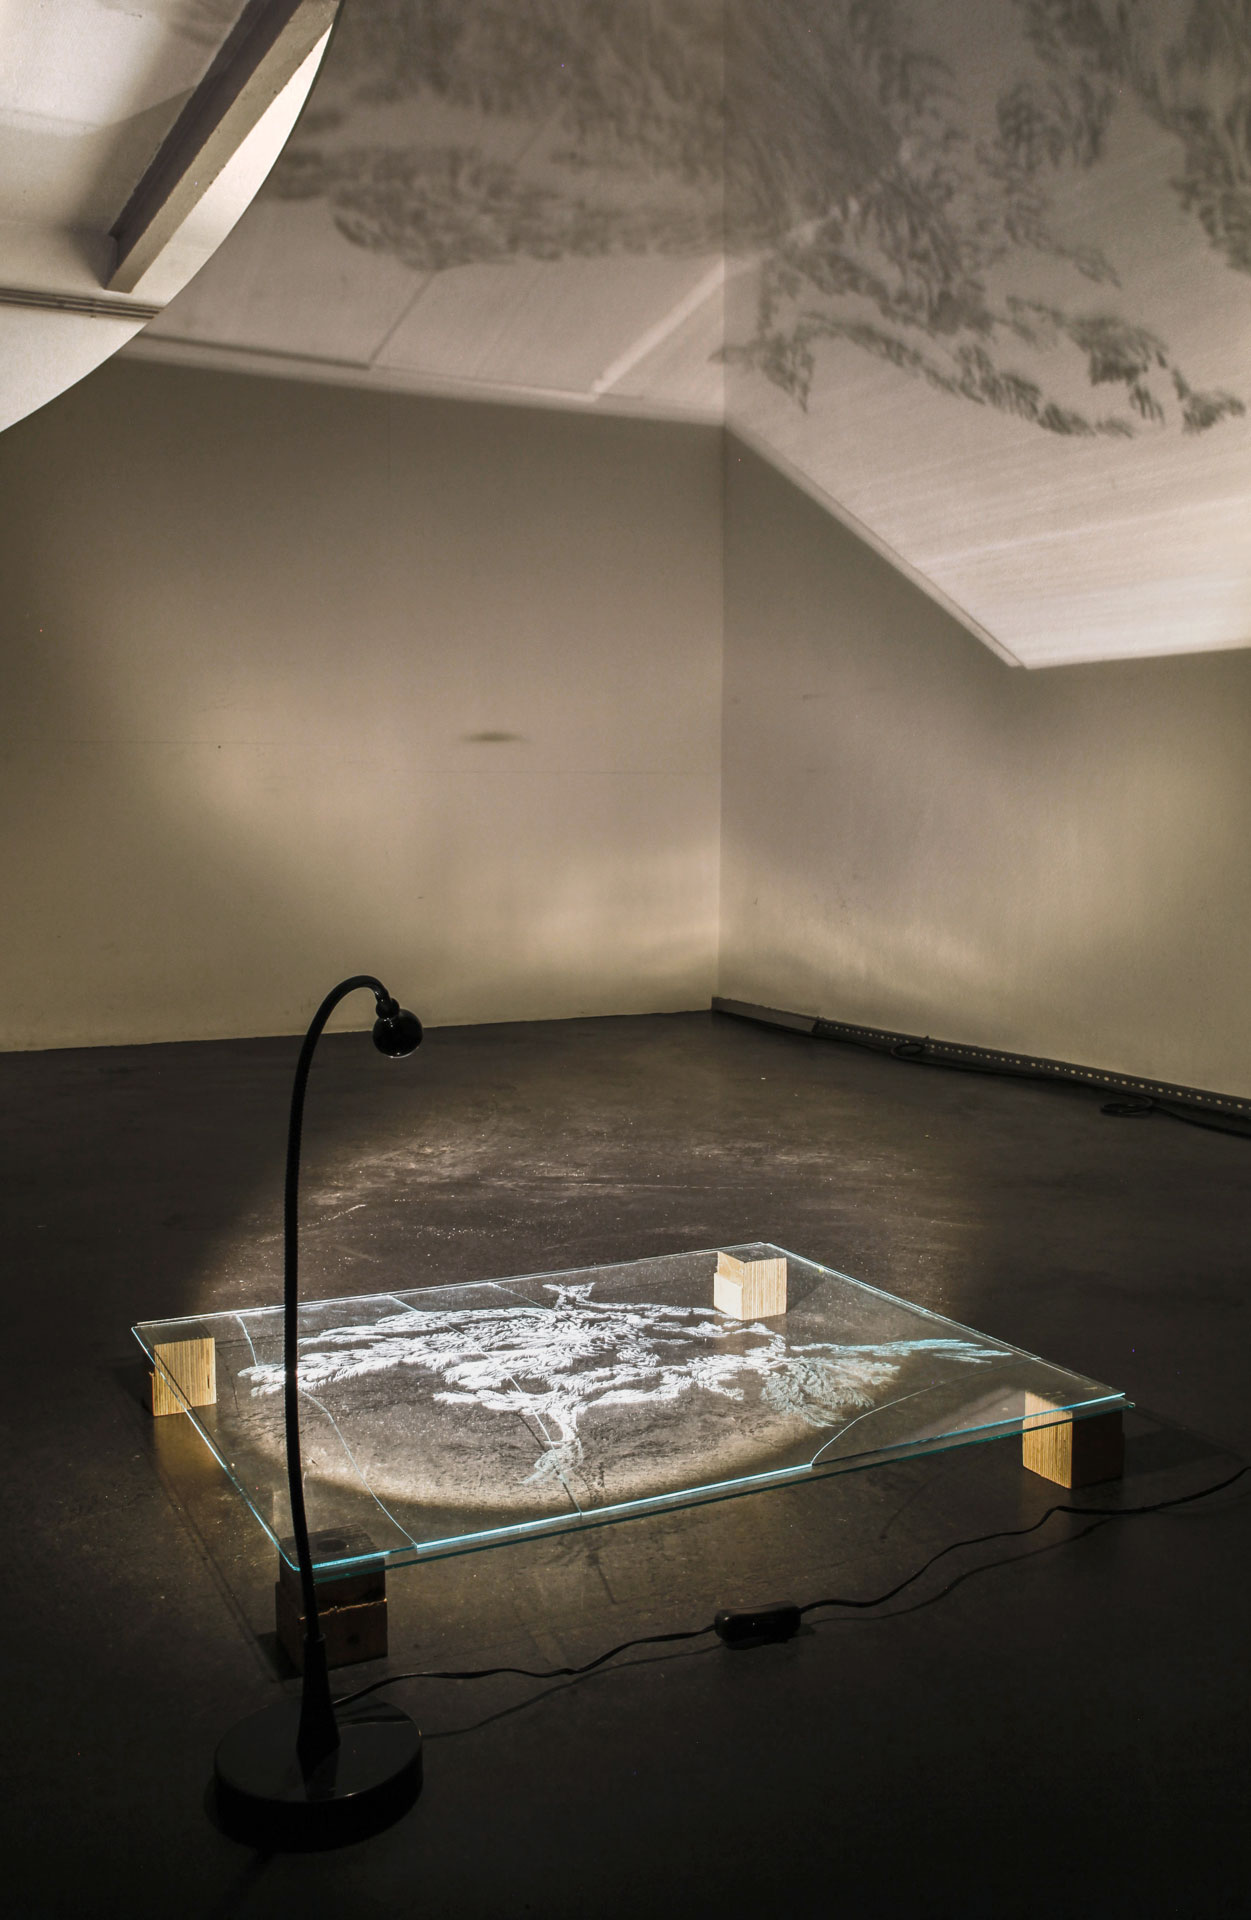 Pfau, 2015, Projektion, Atelier Rödelheim